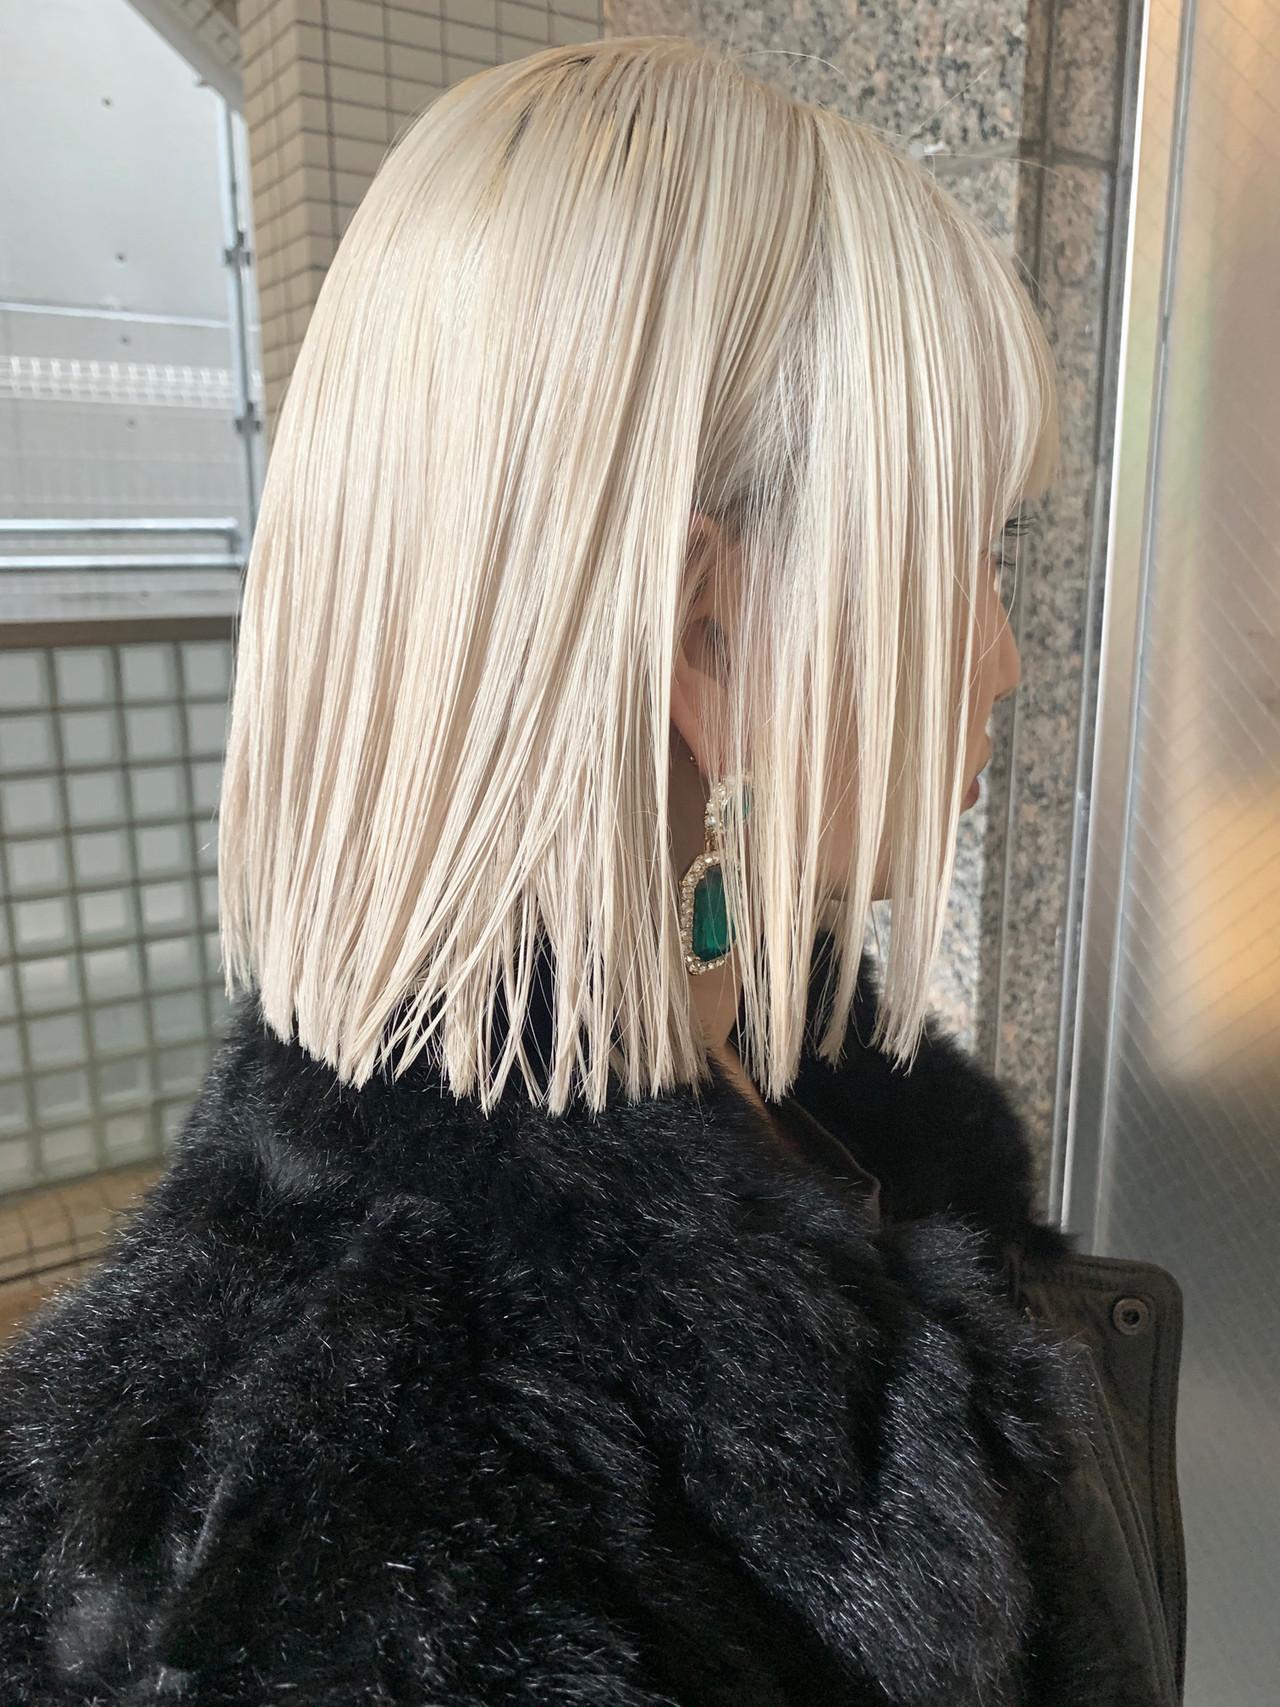 ガーリー ボブ ショートボブ ホワイトブリーチ ヘアスタイルや髪型の写真・画像